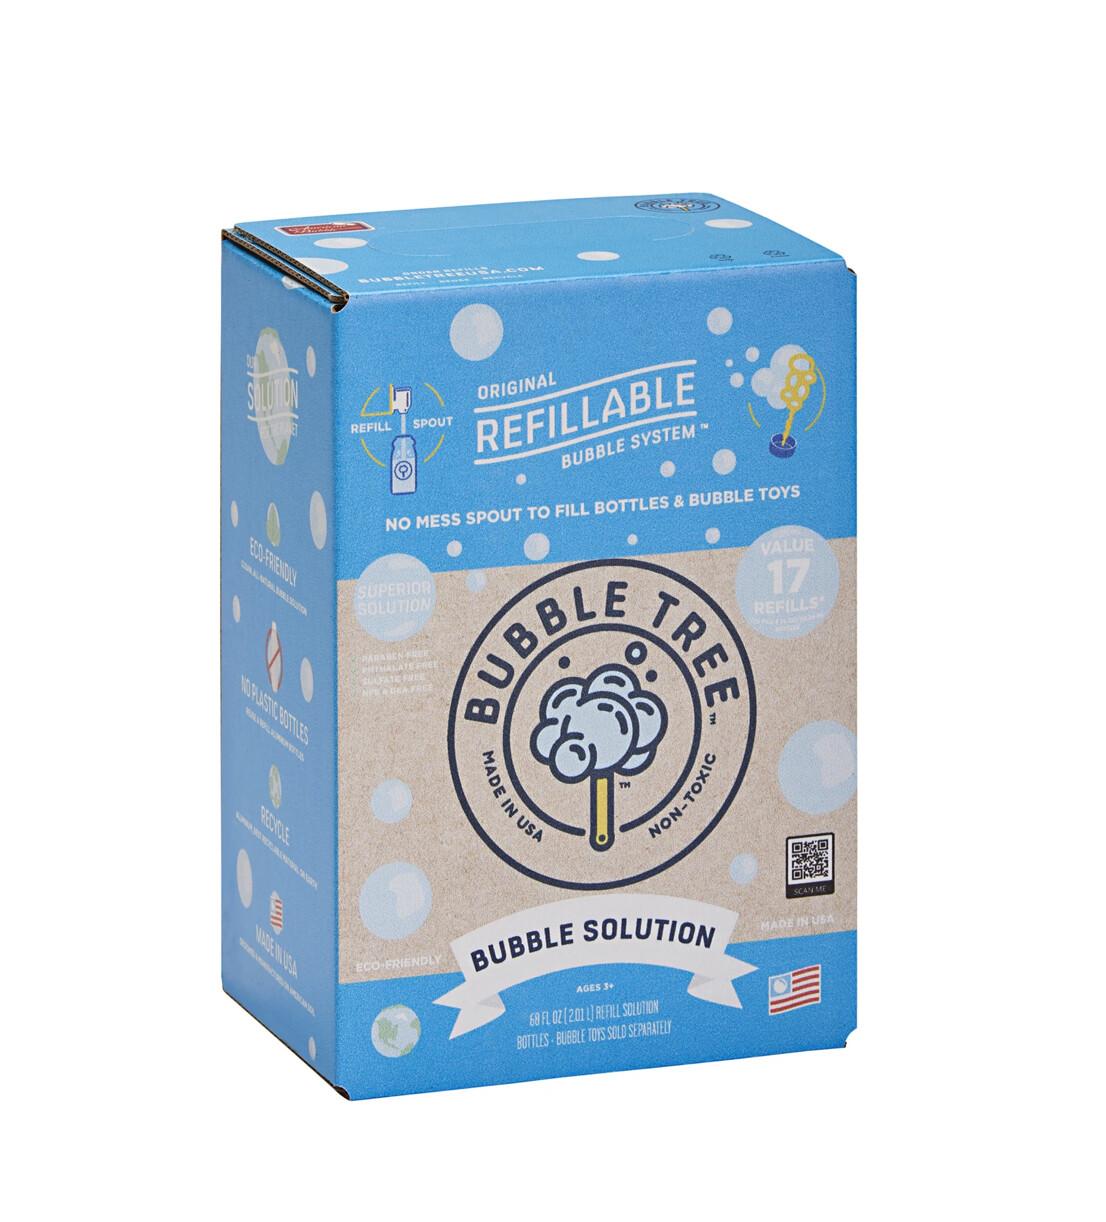 1-Liter Original Refillable Bubble Solution